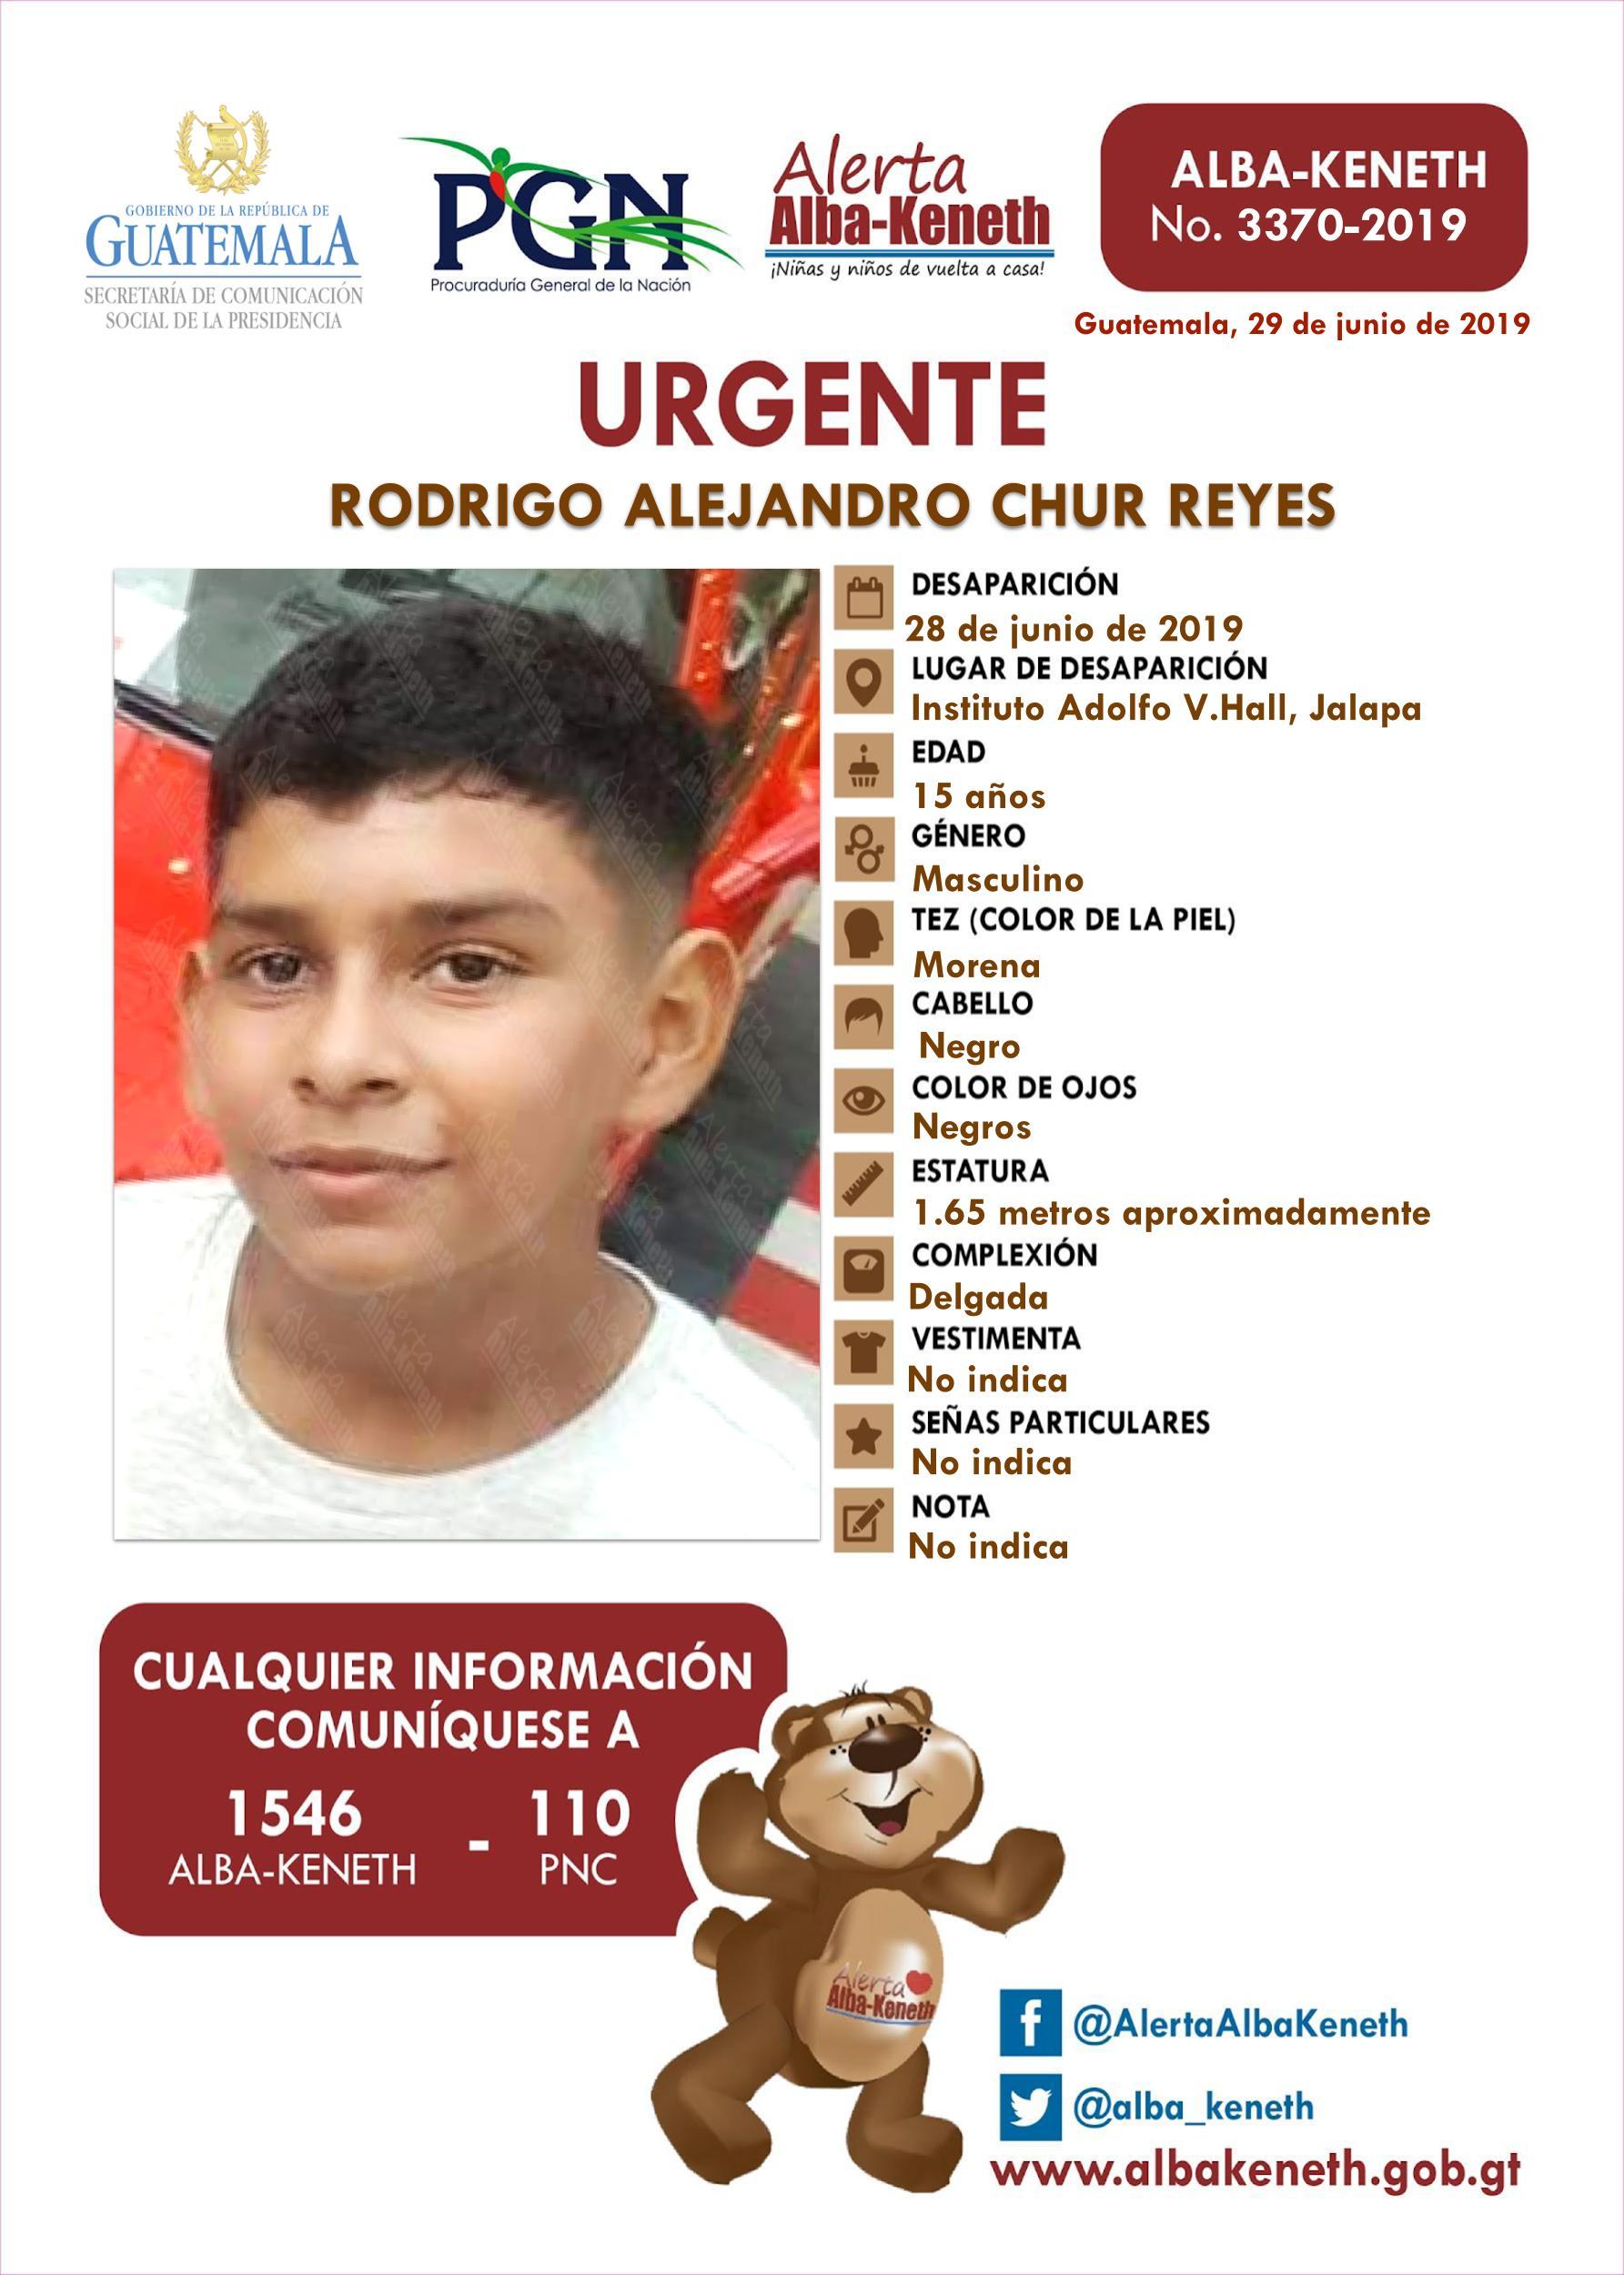 Rodrigo Alejandro Chur Reyes